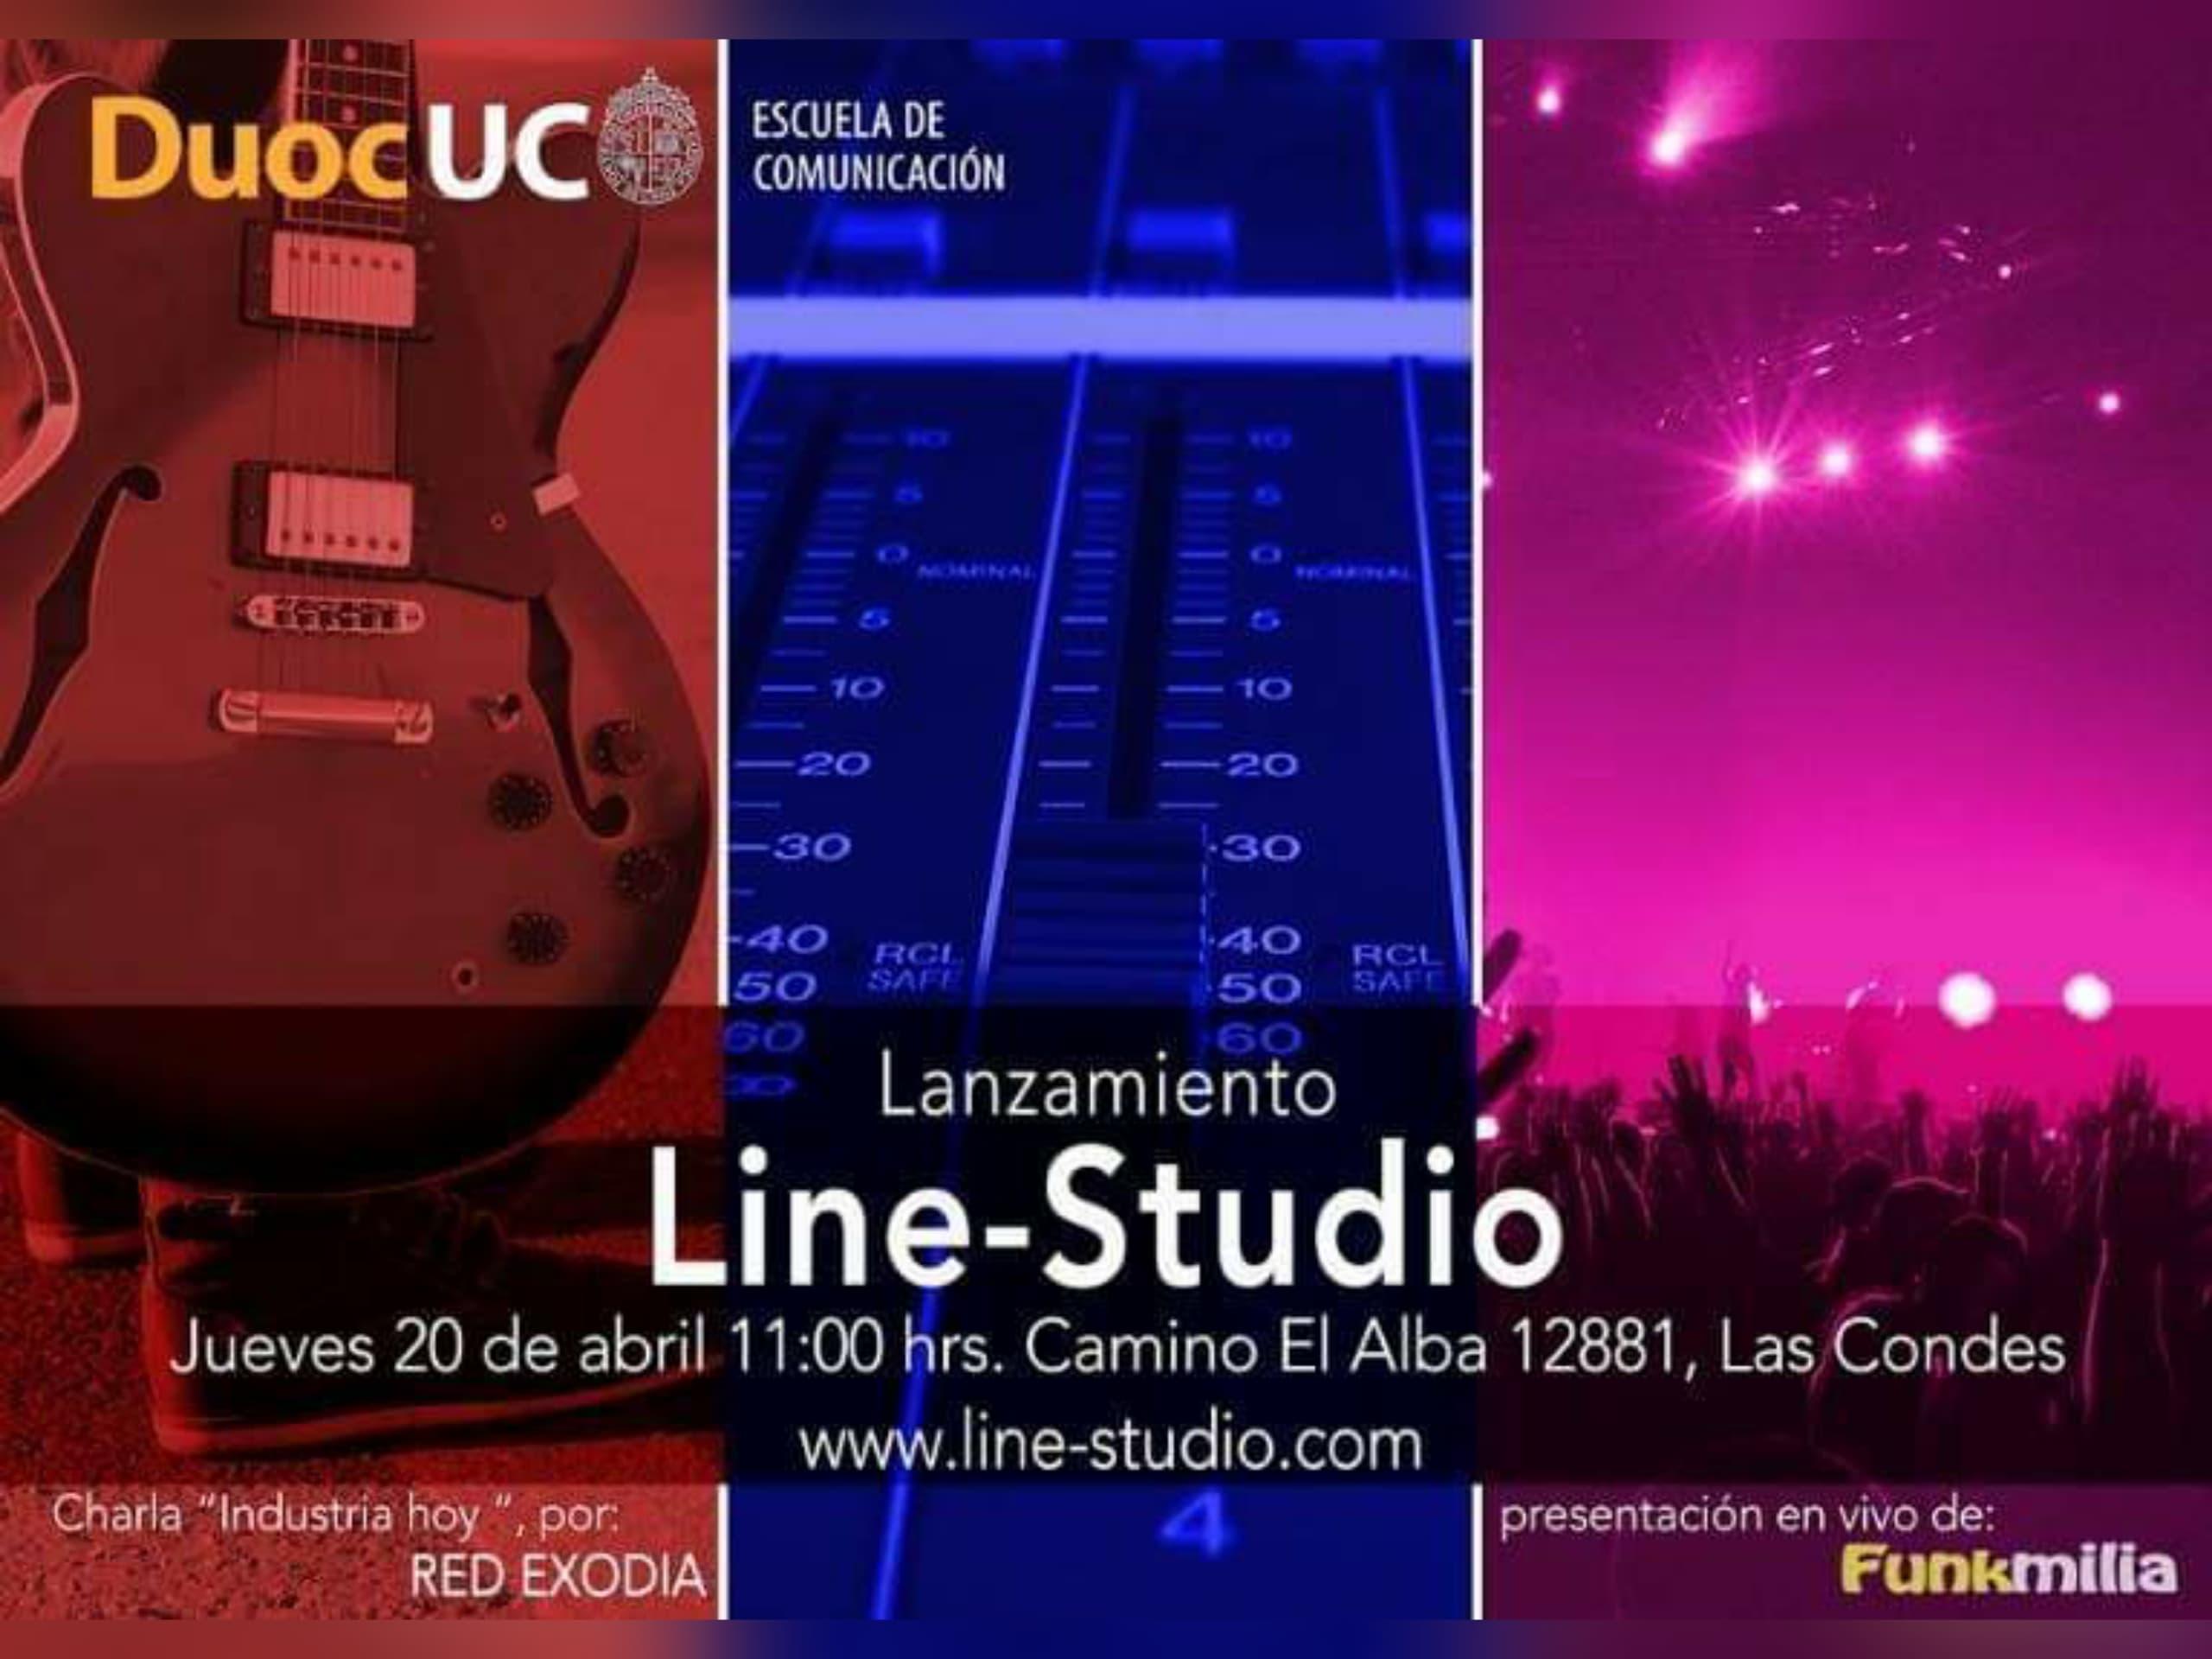 LANZAMIENTO LINE-STUDIO